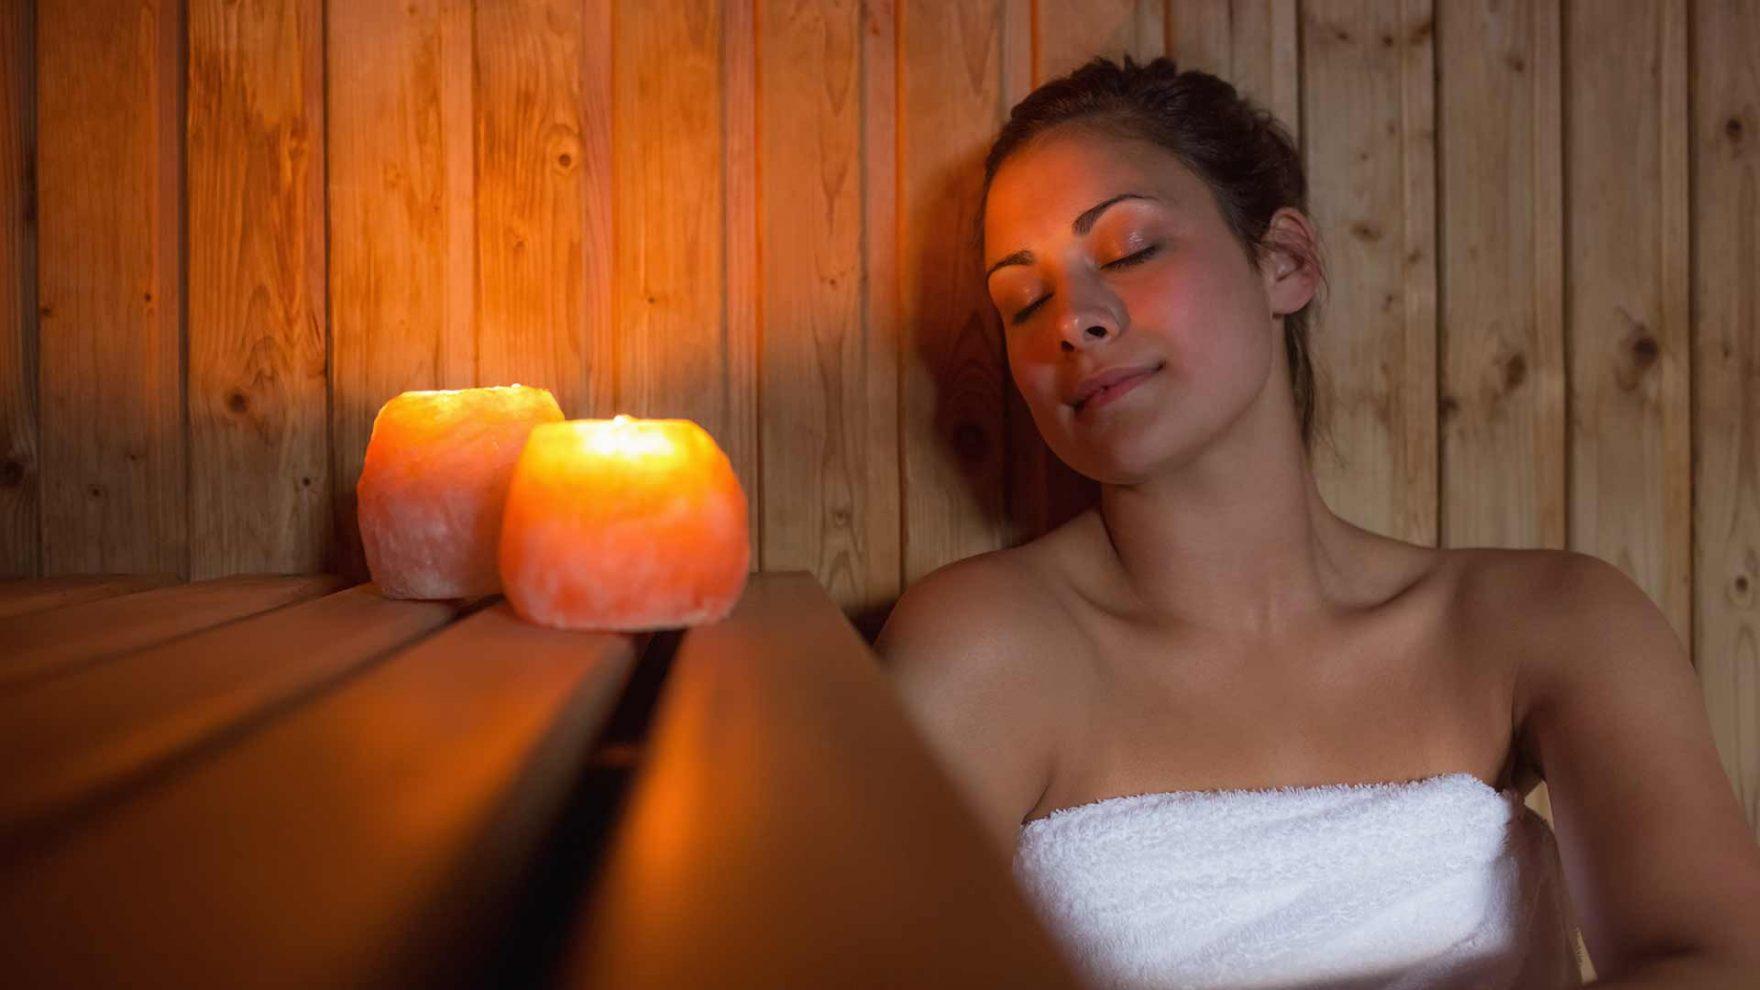 Vacanze d'autunno a Merano e dintorni - Vacanze benessere